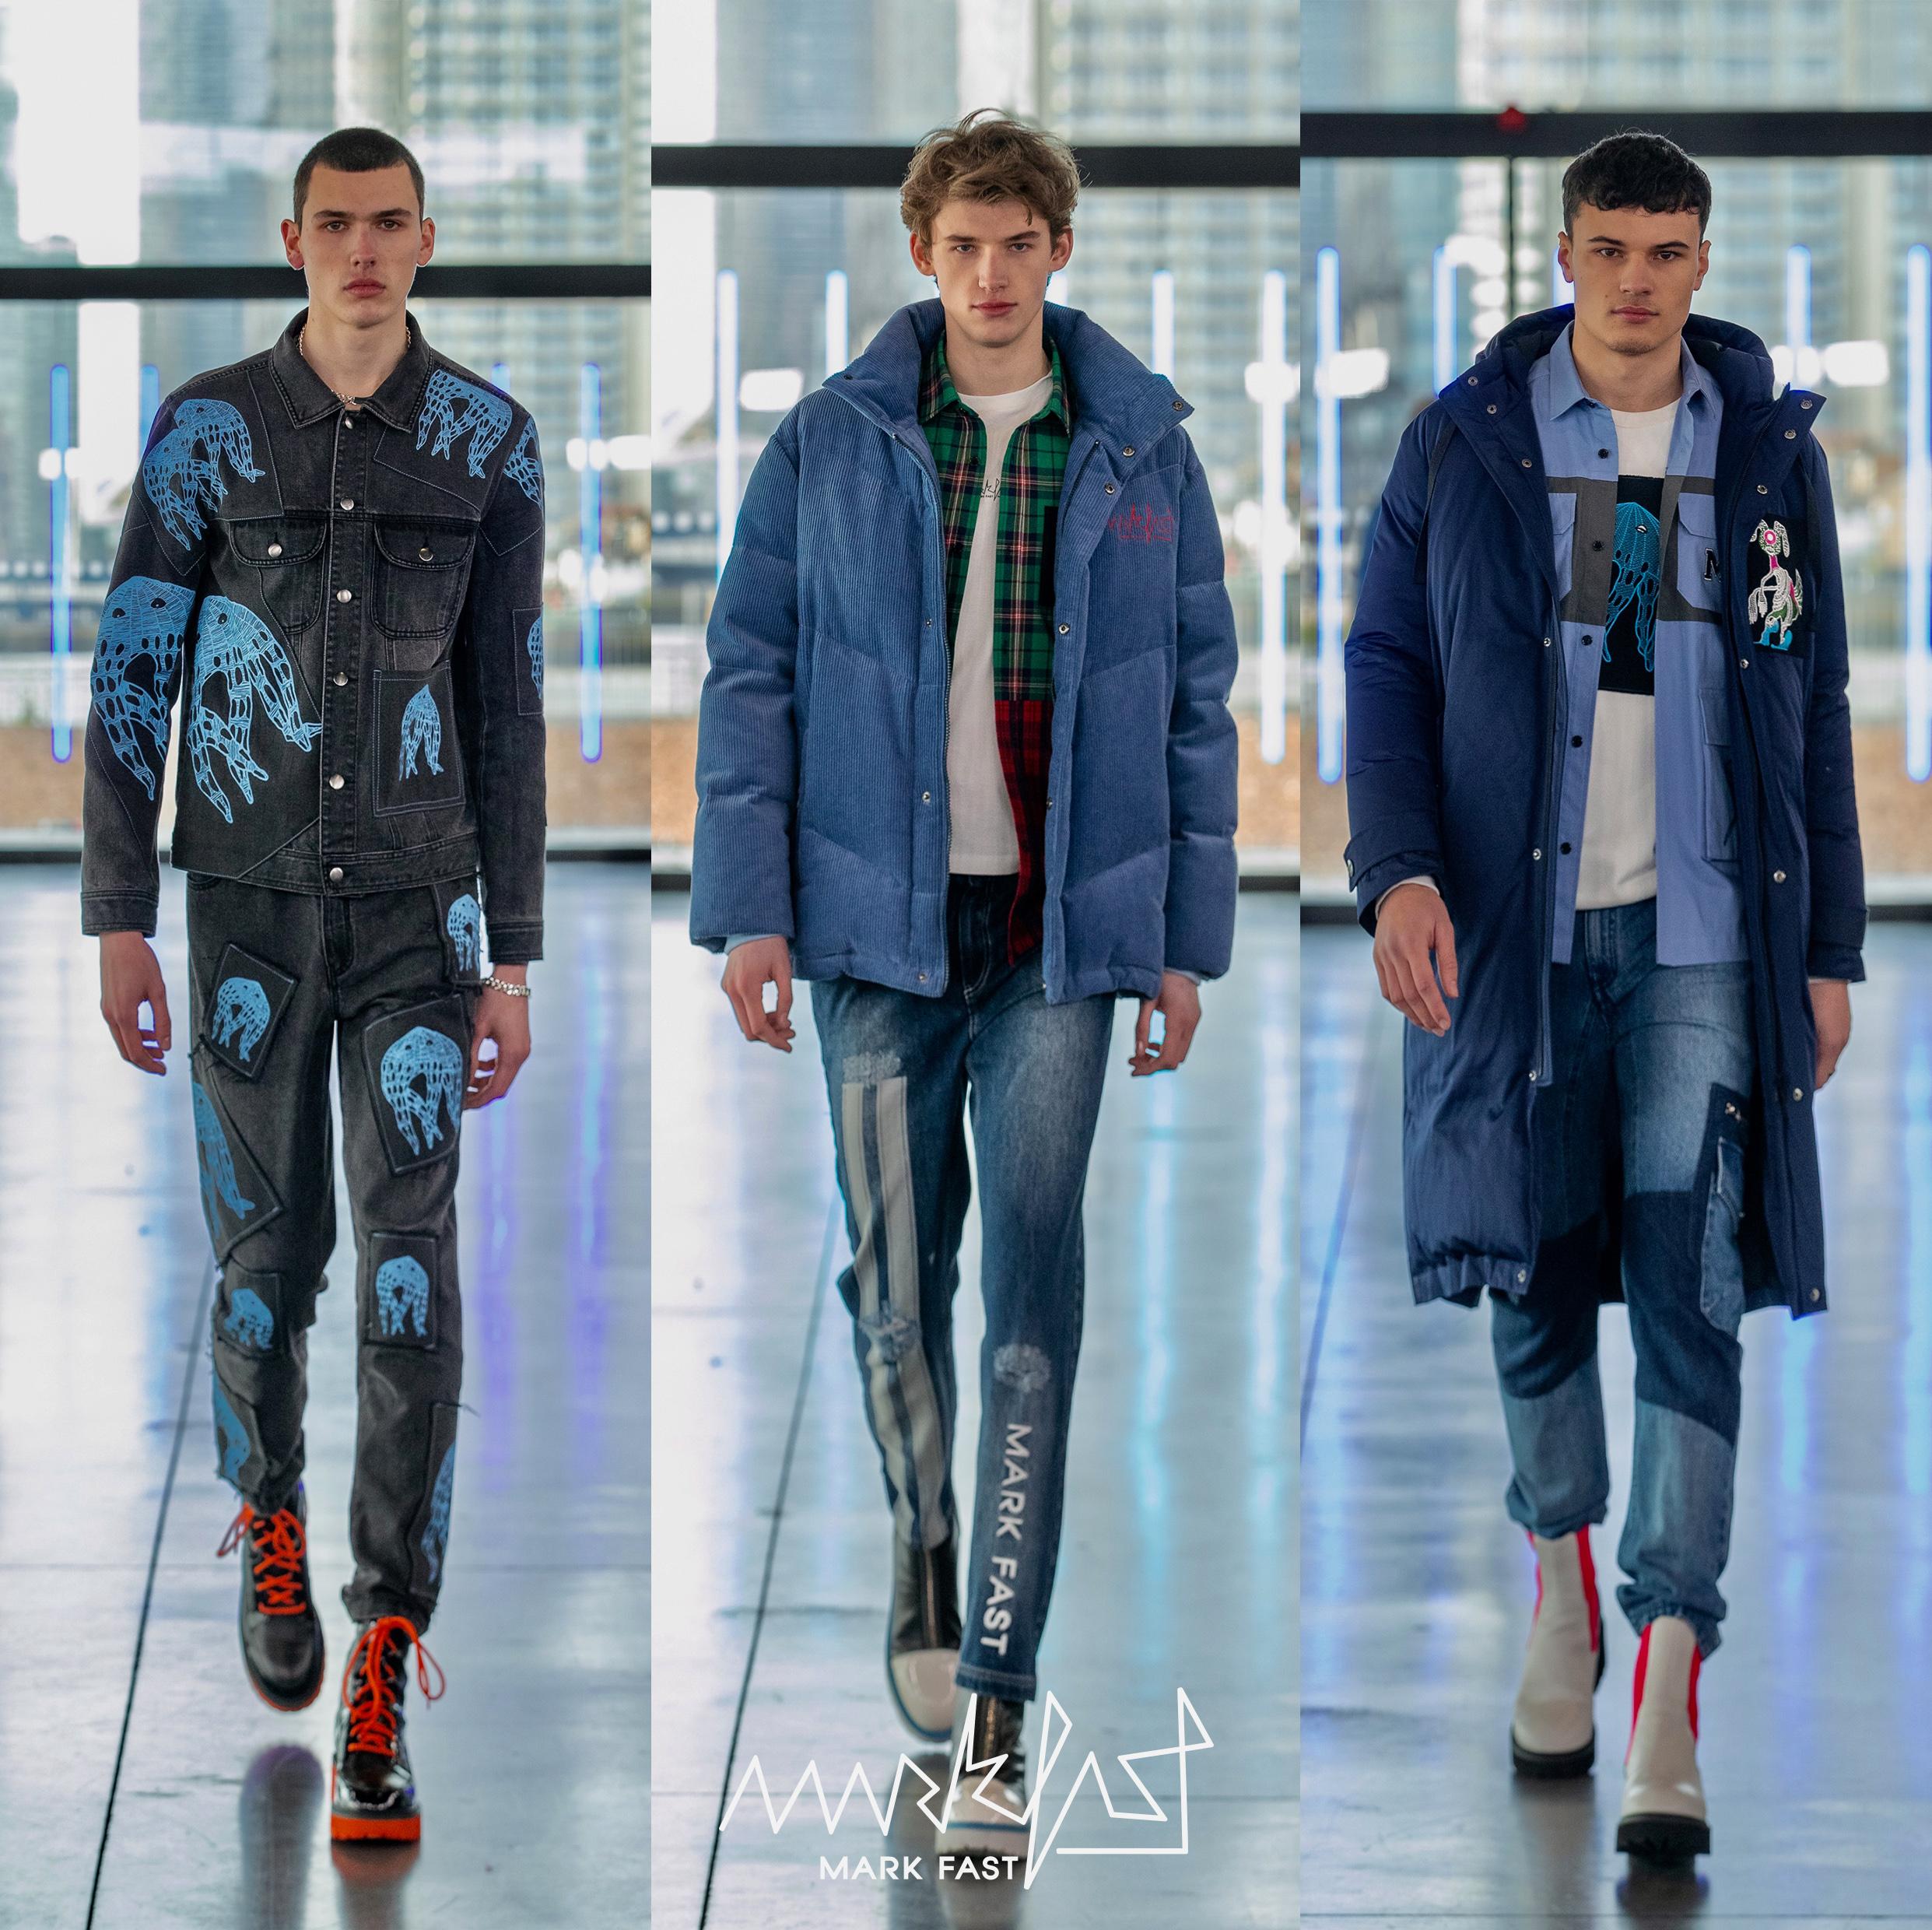 玩味色彩新篇章 MARK FAST 2021 秋冬系列伦敦时装周亮相